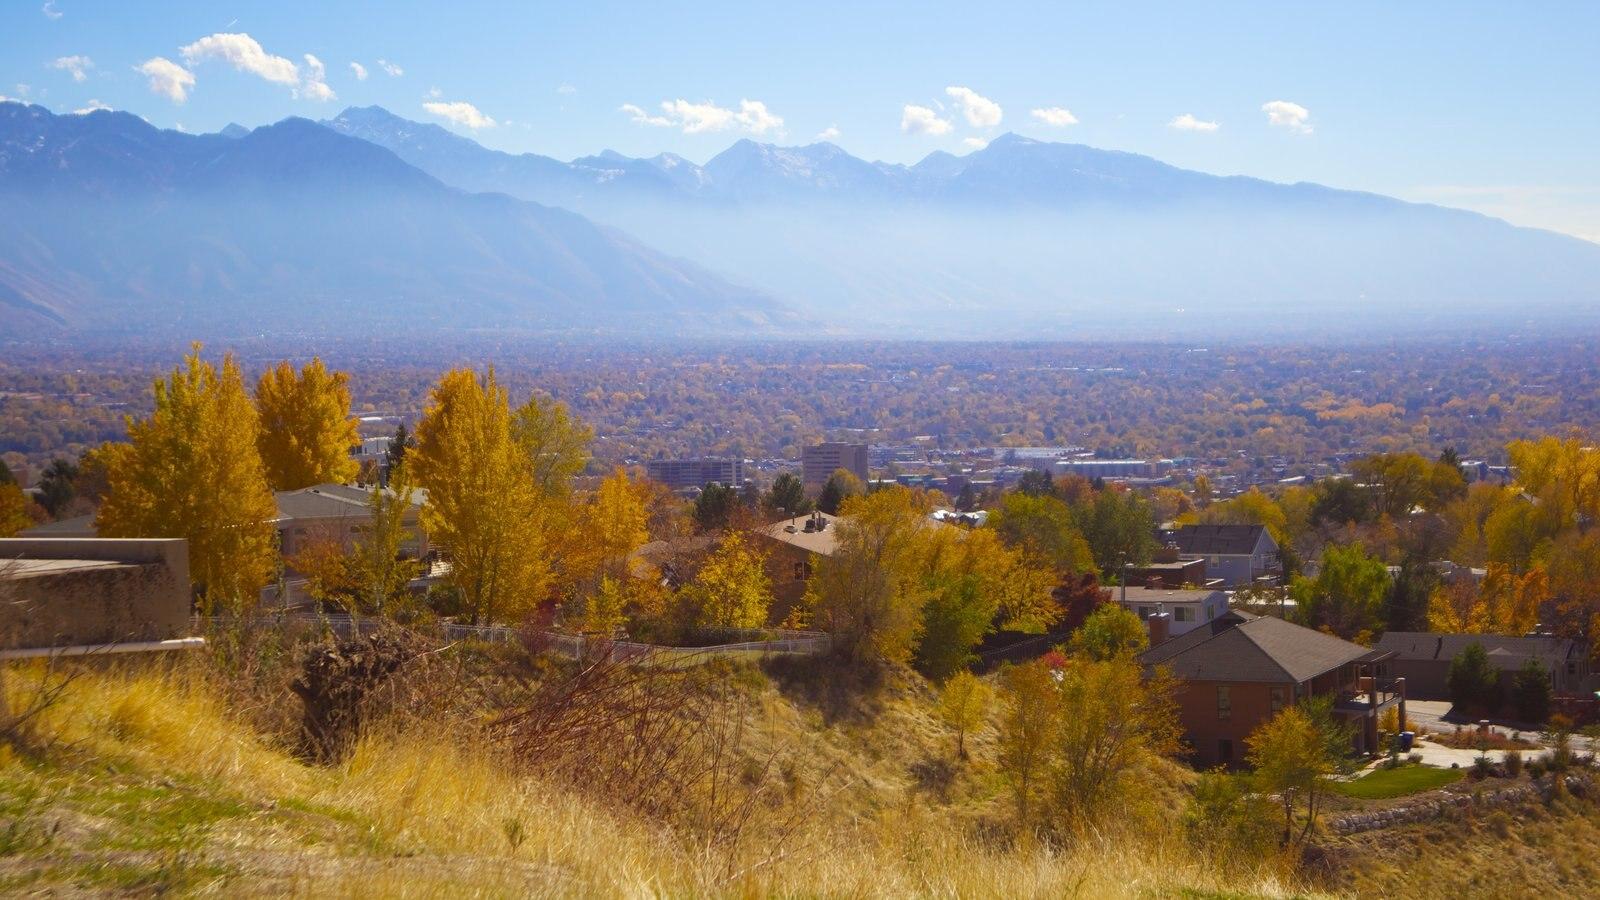 Utah ofreciendo neblina o niebla y vistas de paisajes